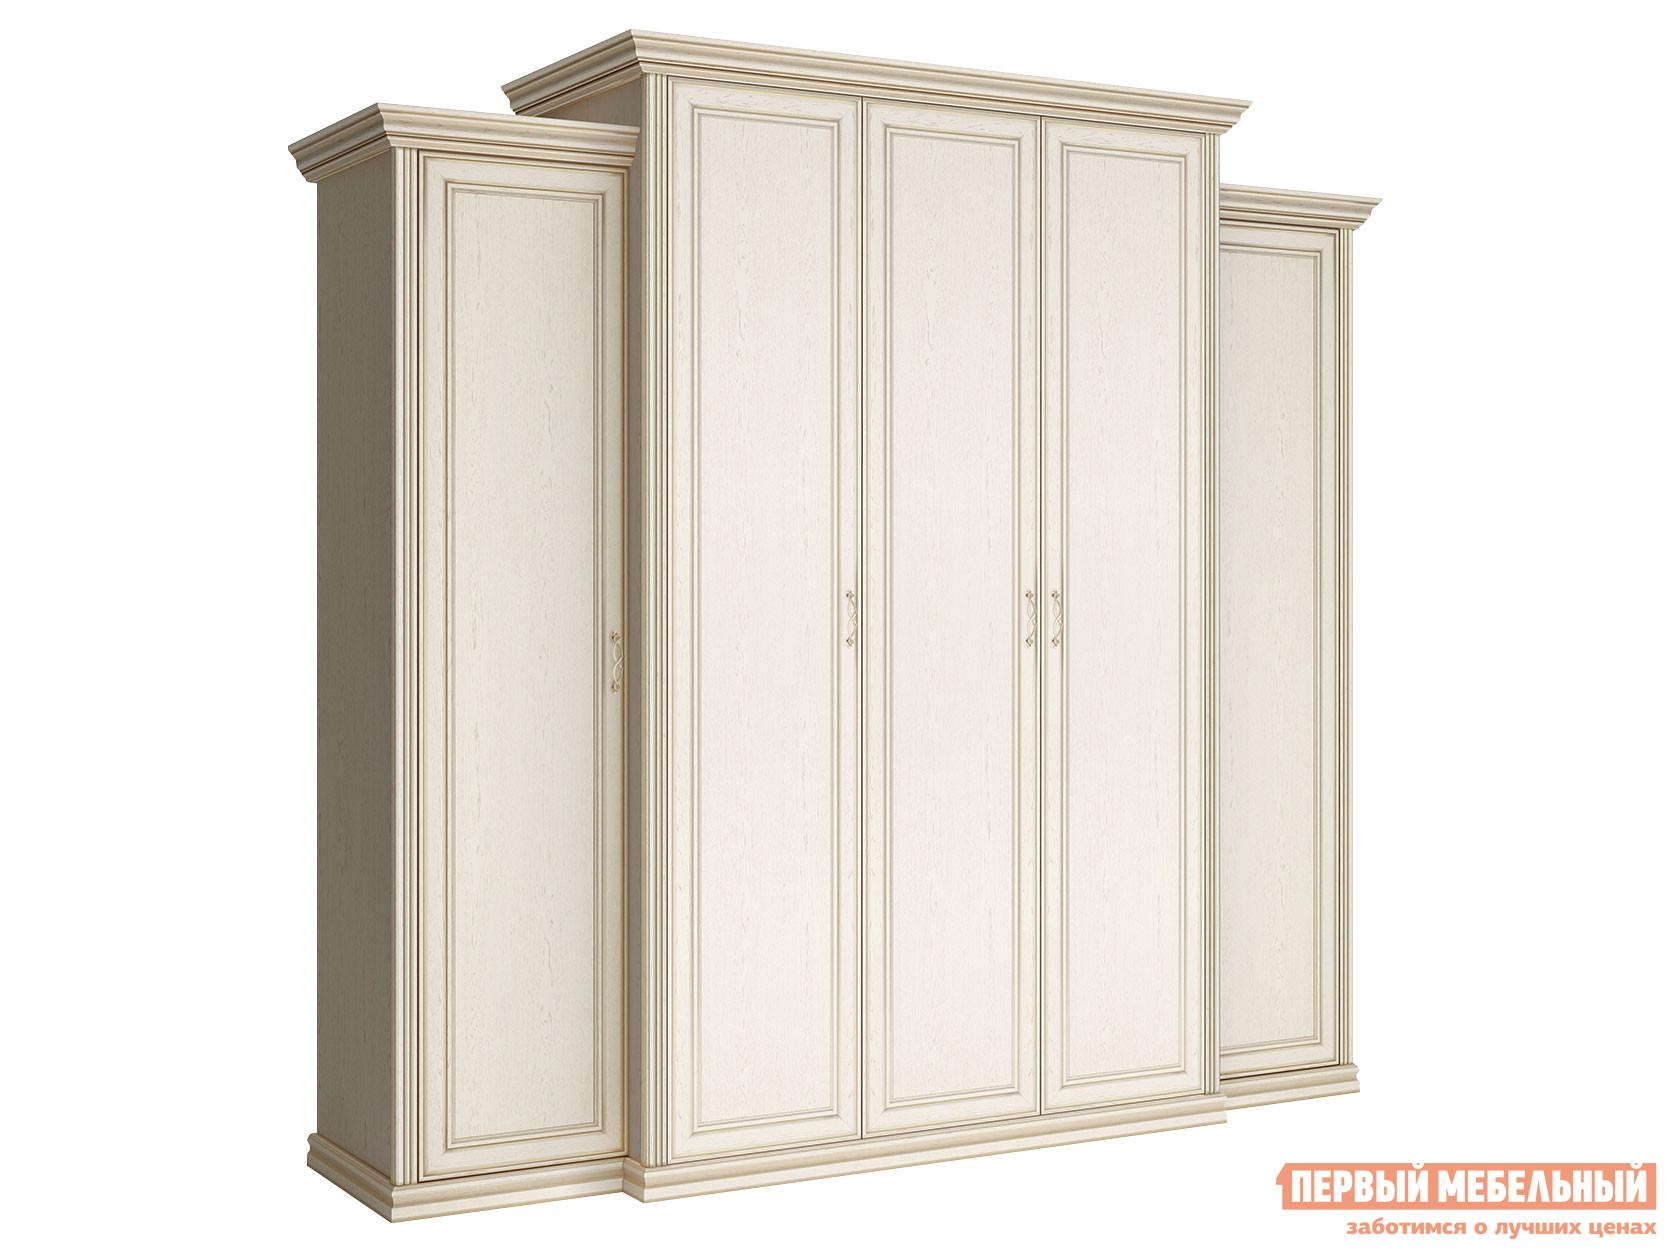 Распашной шкаф Первый Мебельный Шкаф 5-ти дверный с пеналами глухой Венето недорого